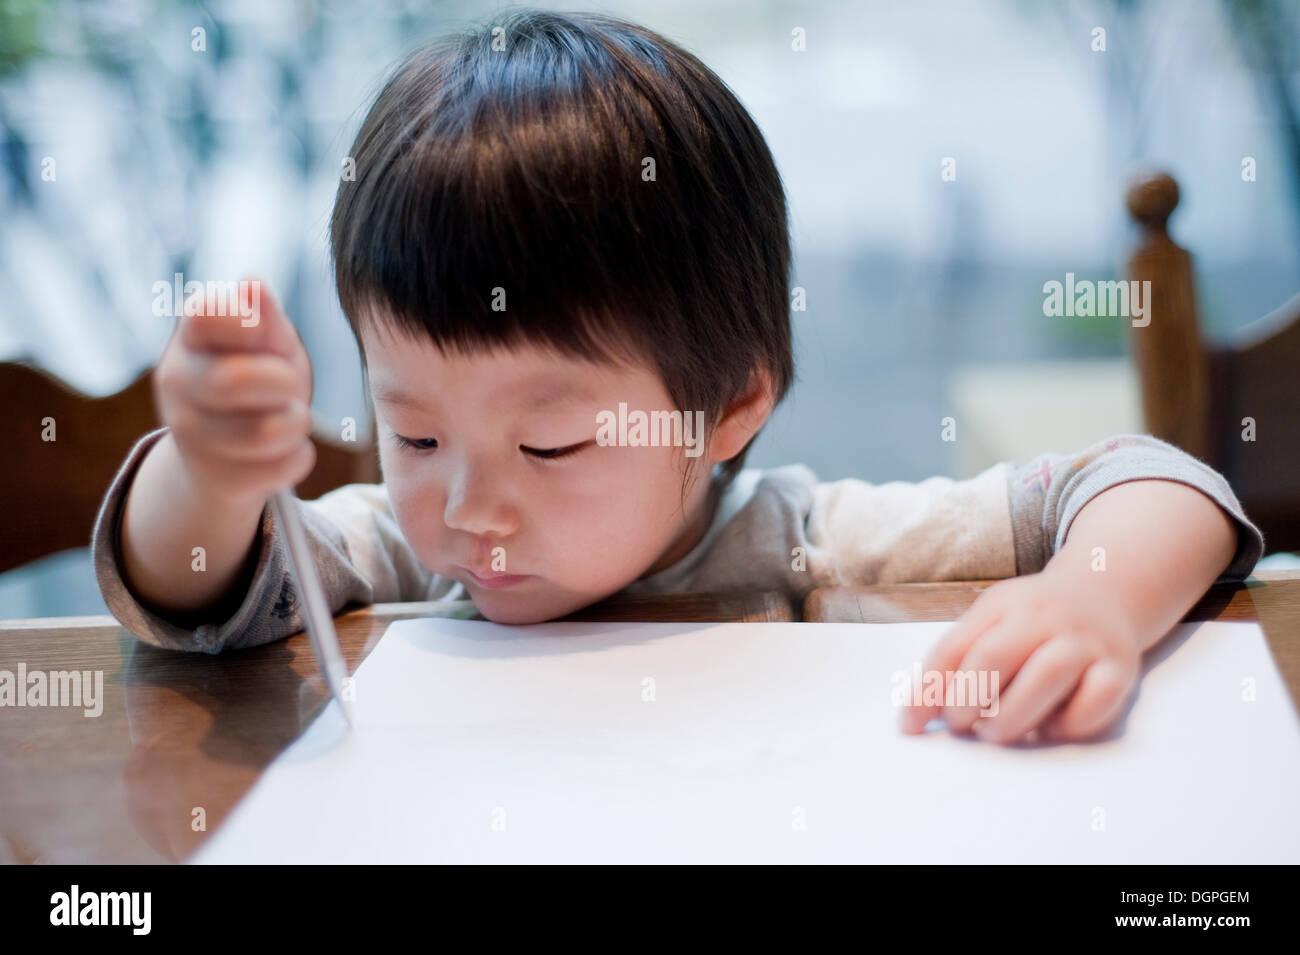 Junge, Zeichnung auf Papier mit Bleistift, Nahaufnahme Stockbild